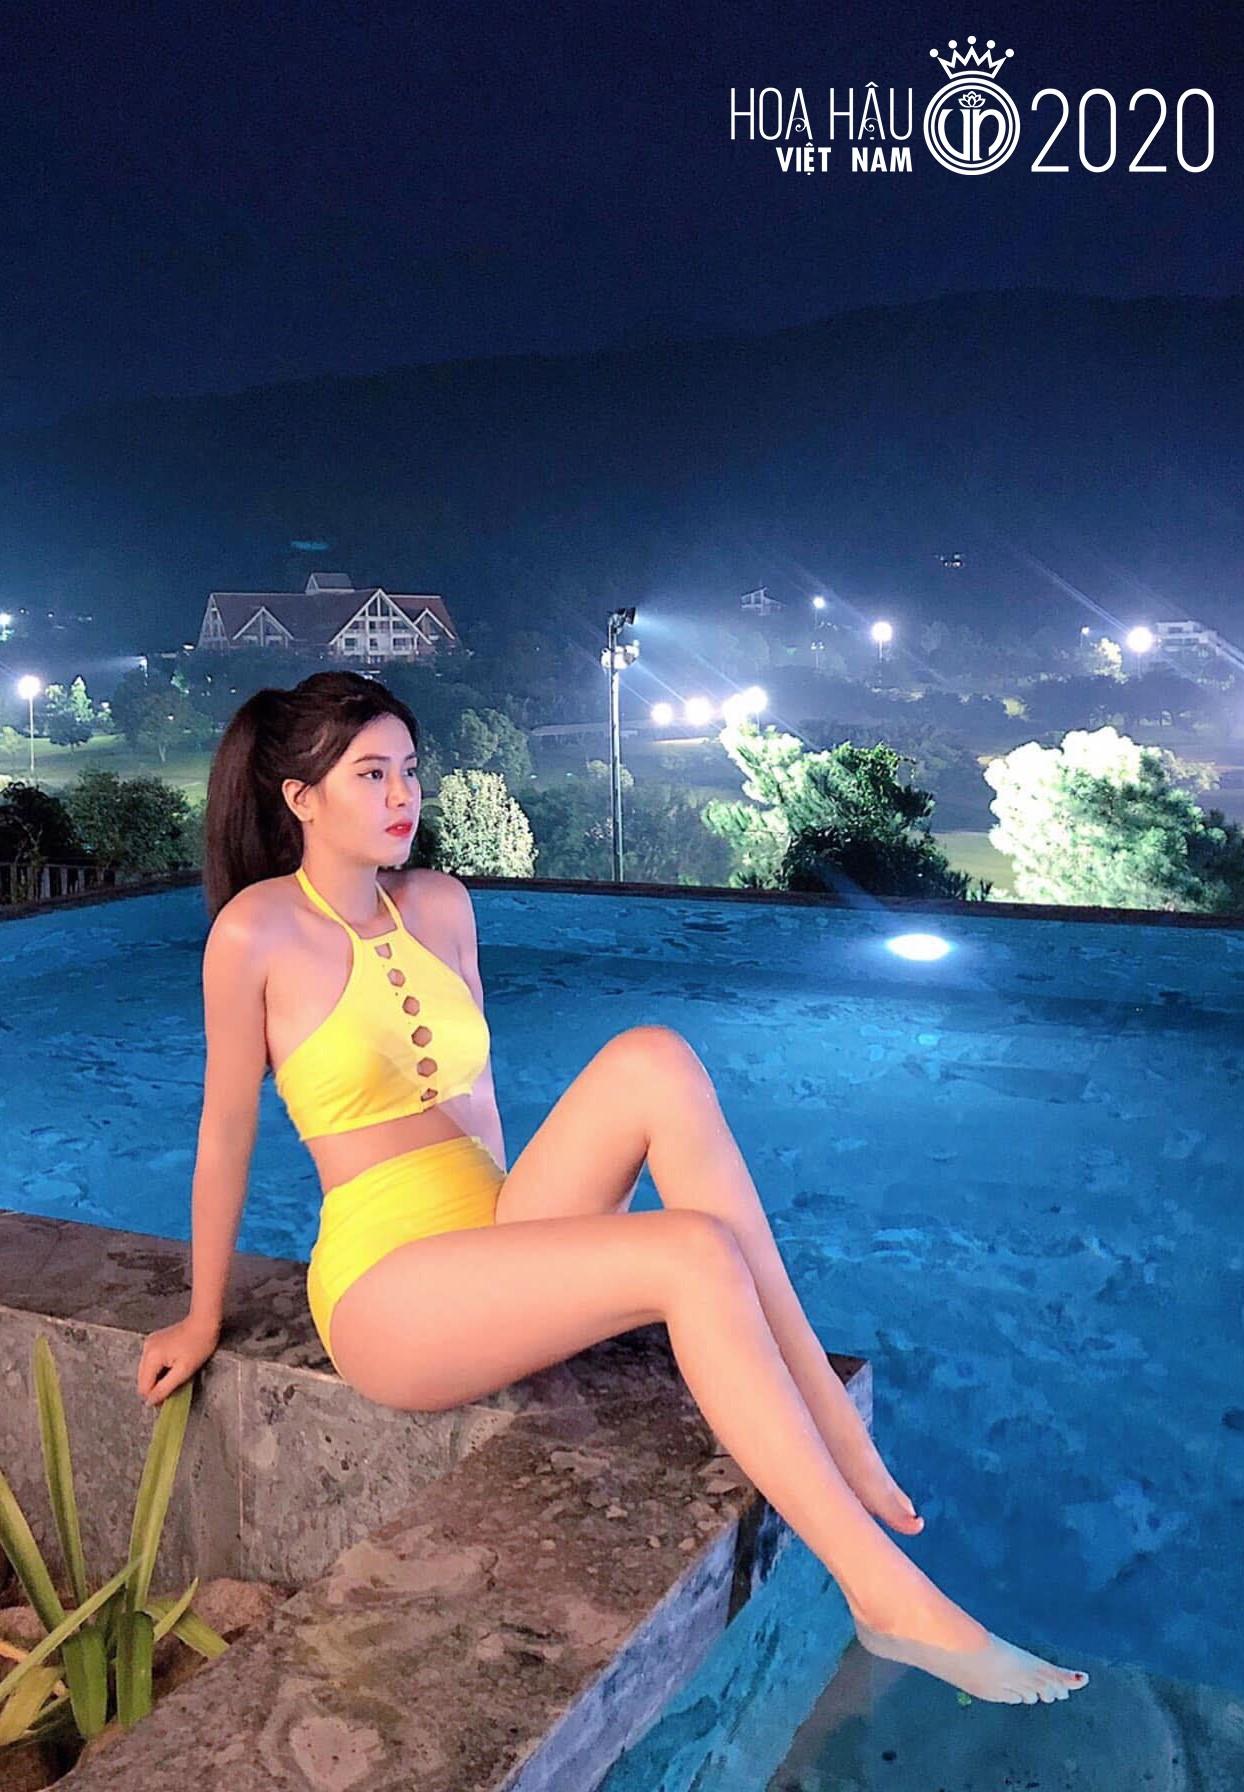 Nữ sinh Tuyên Quang thi hoa hậu, gây mê vì đôi chân dài thẳng tắp - 1